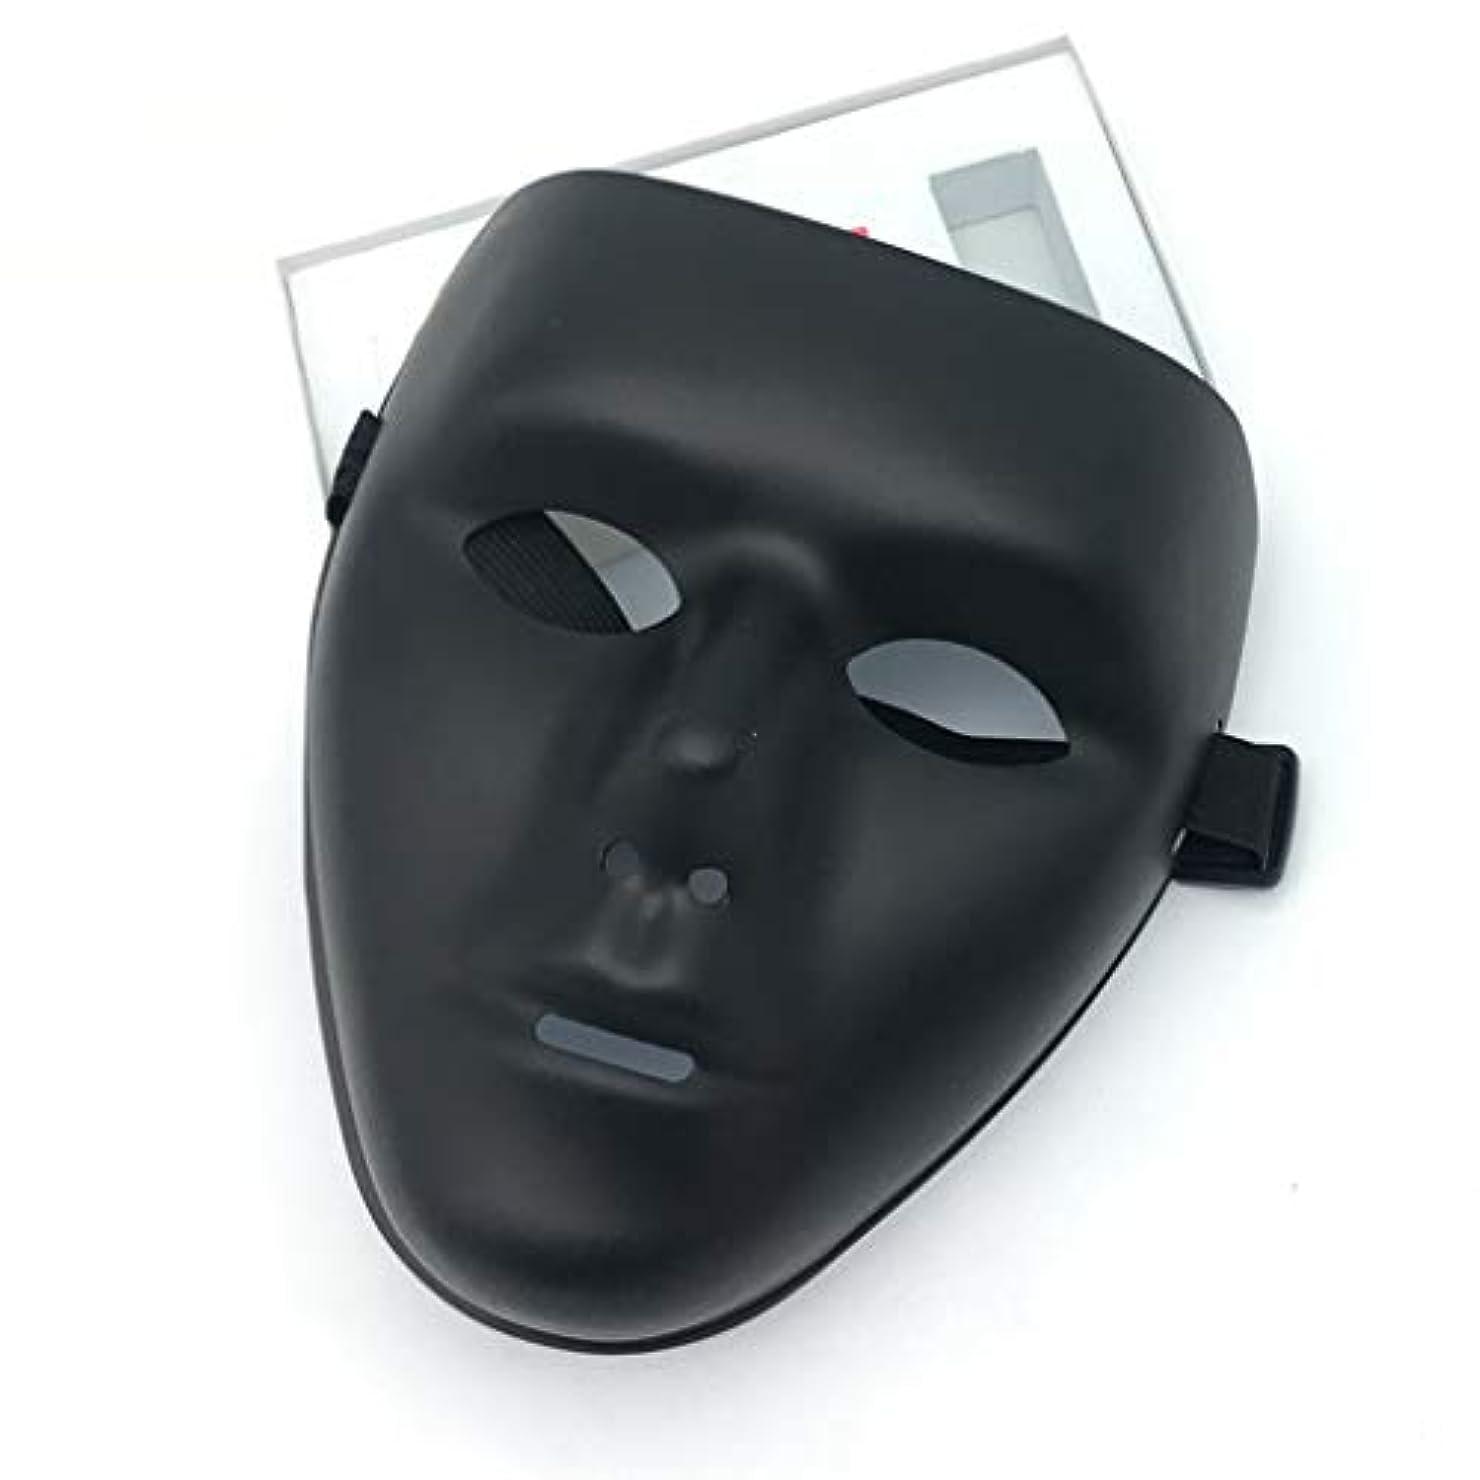 水族館鉛筆避けられないハロウィンマスクフルフェイスストリートダンス振動マスク仮装変なマスクダンスマスク